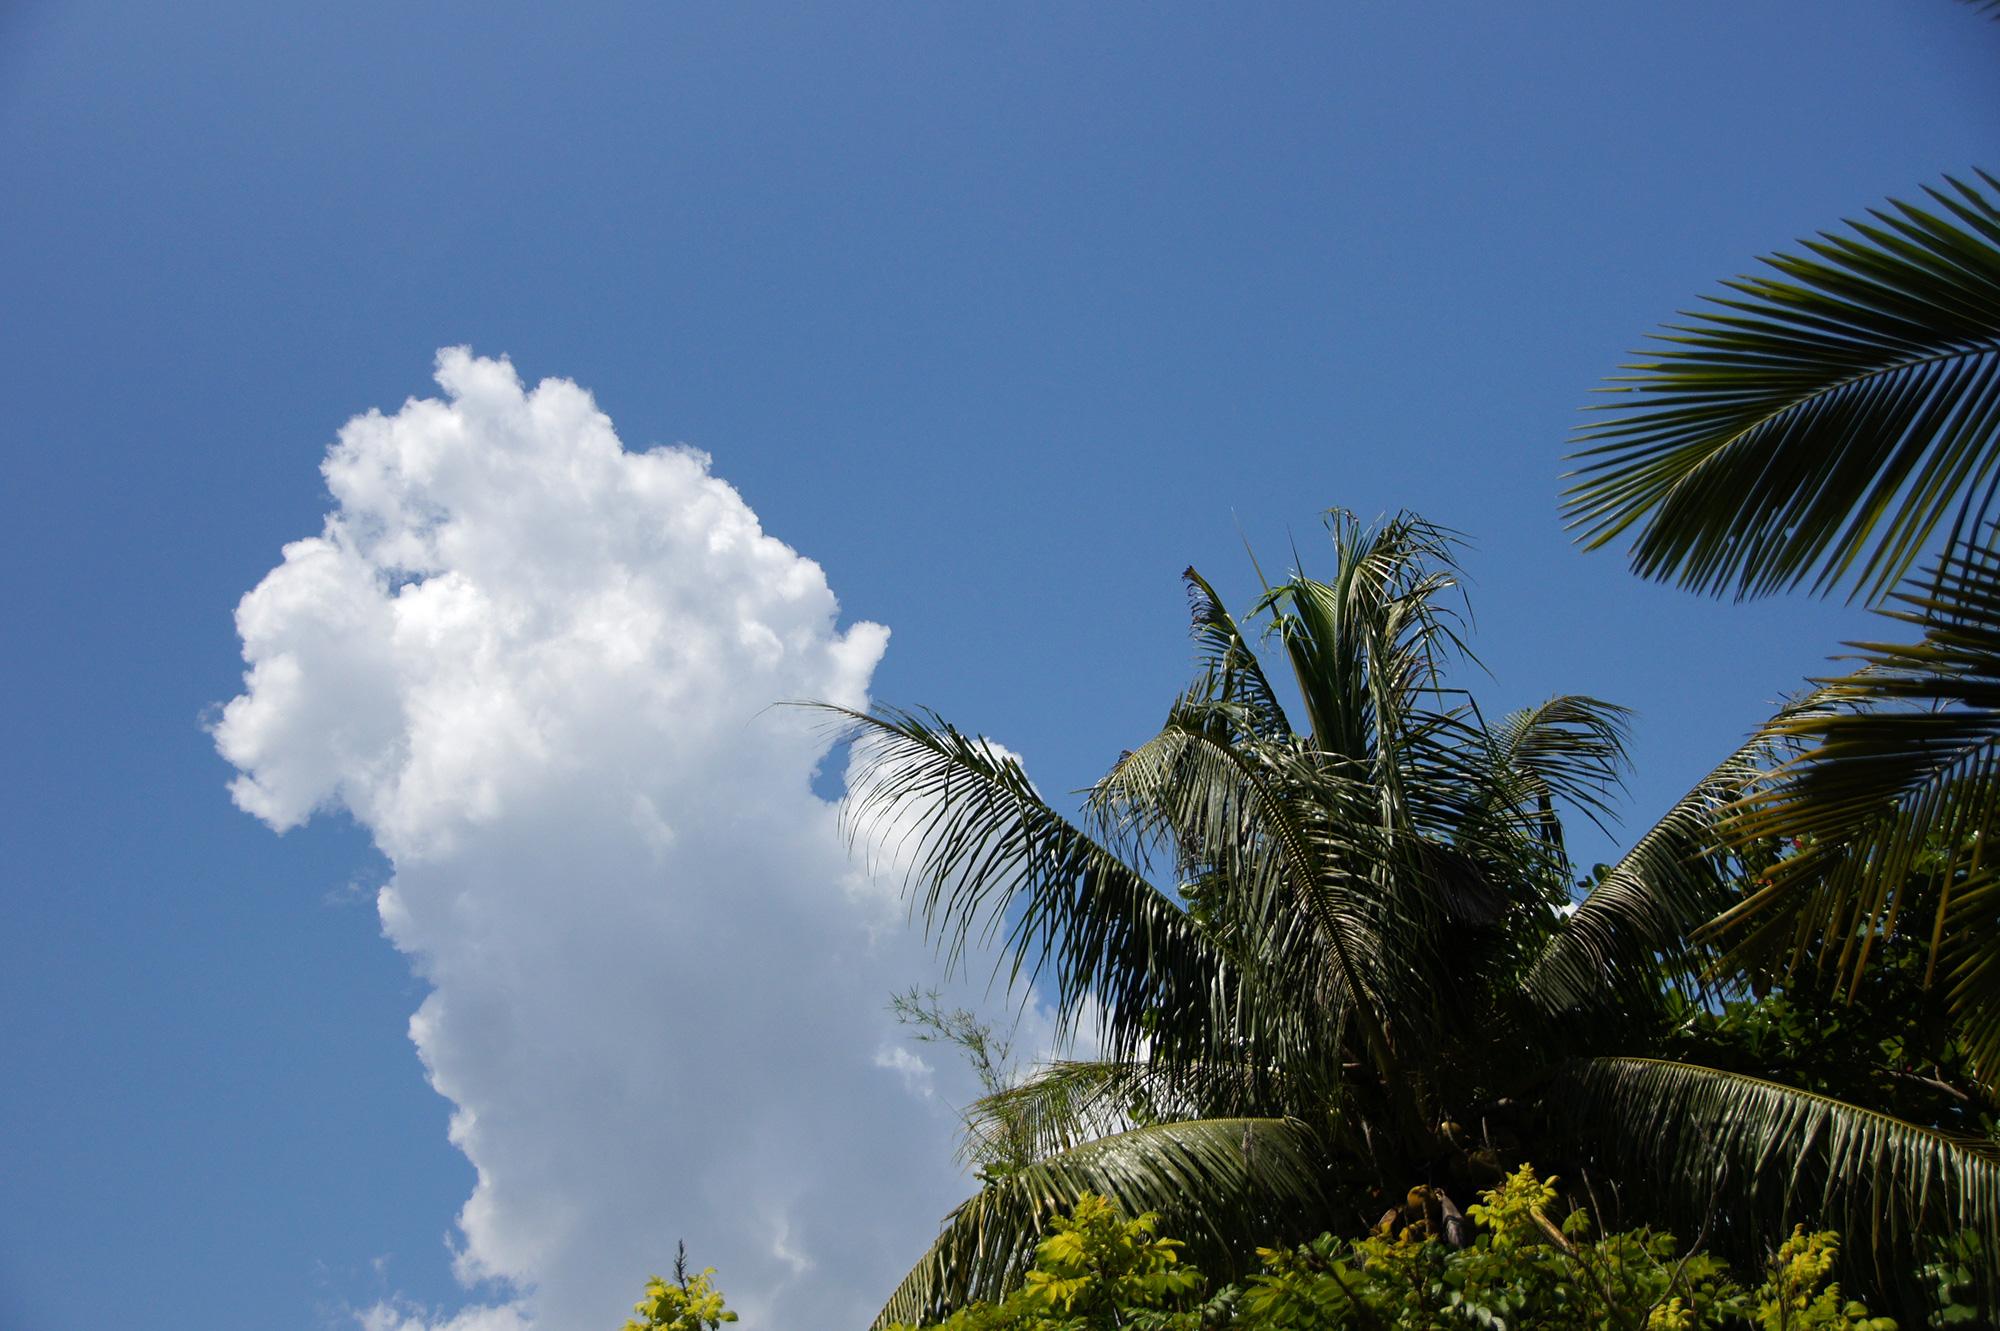 夏雲とヤシの木のフリー写真素材